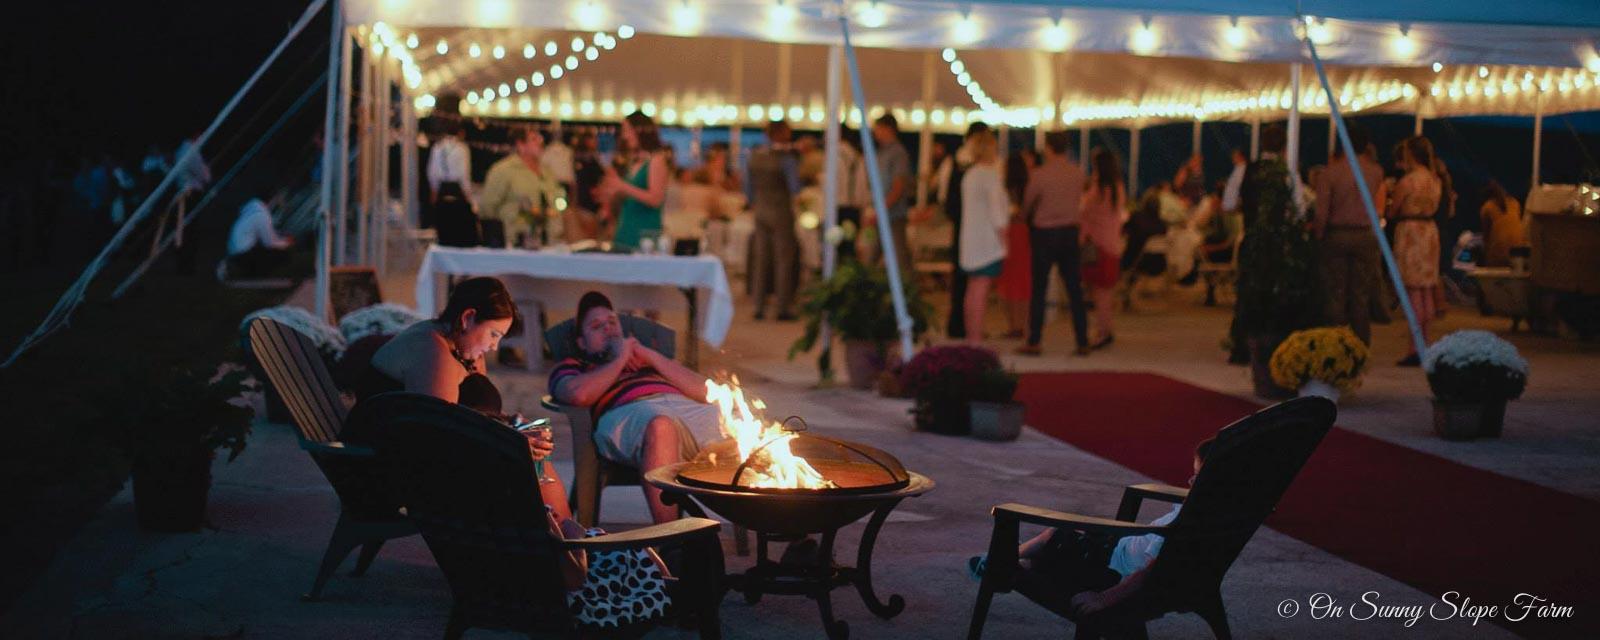 Weddings_On_Sunny_Slope_Farm-1-2